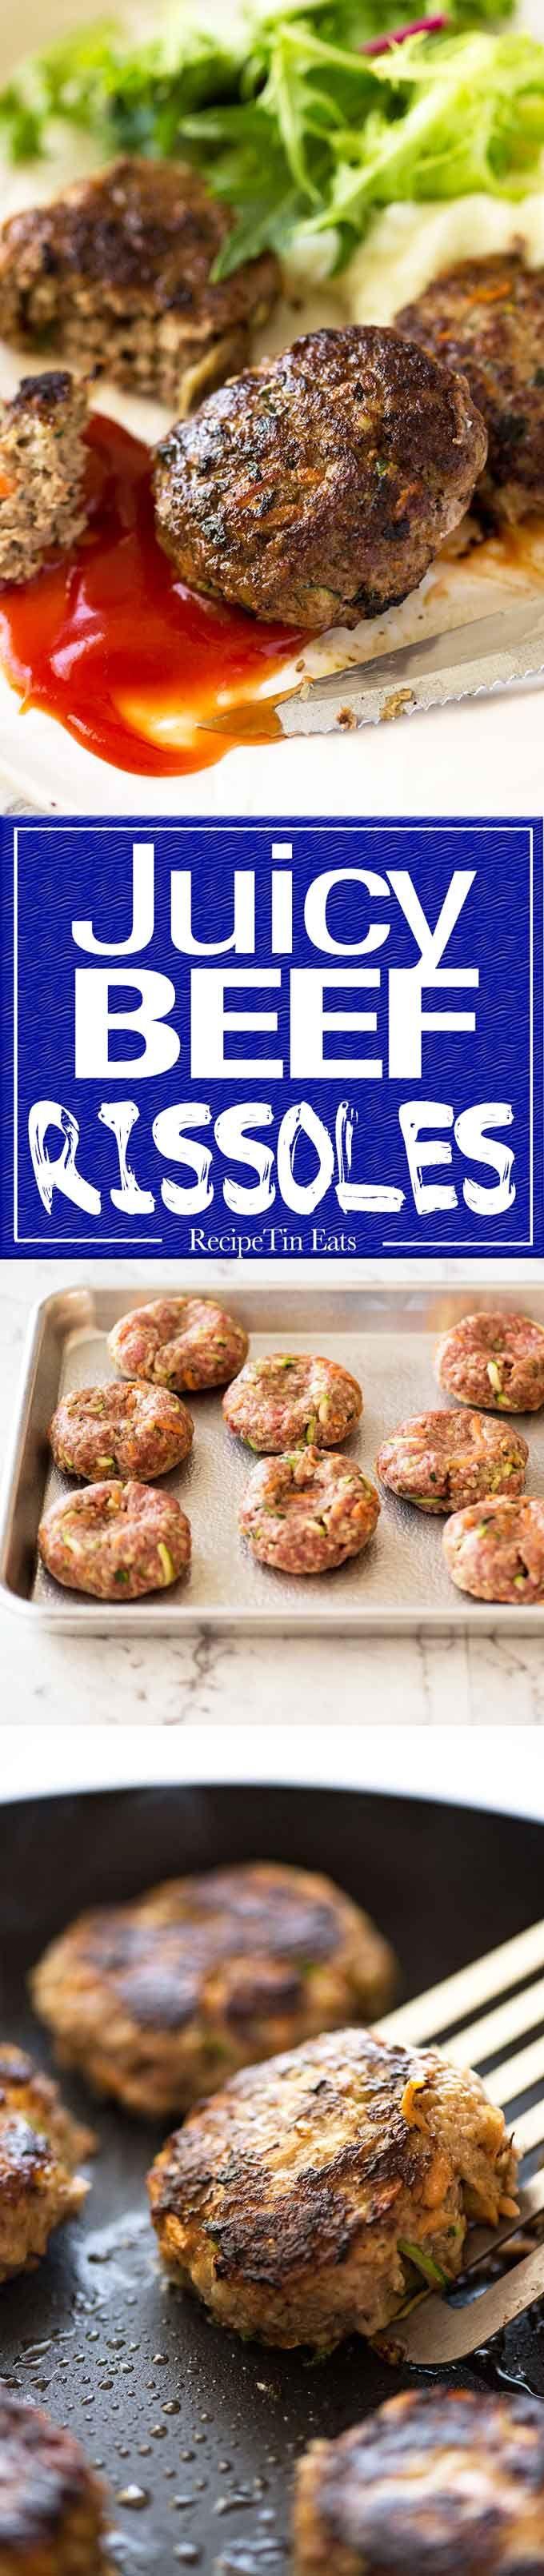 Rissoles #beefdishes